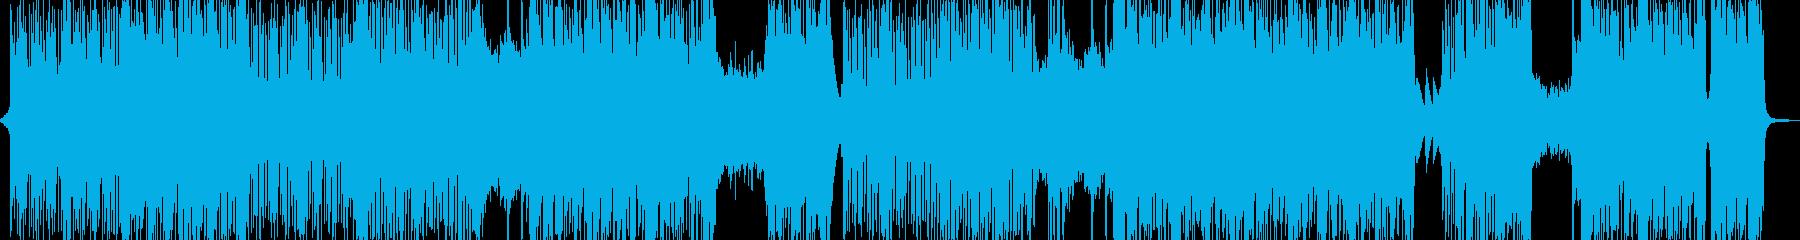 明るくカラフル☆ハッピーチューン 長尺★の再生済みの波形